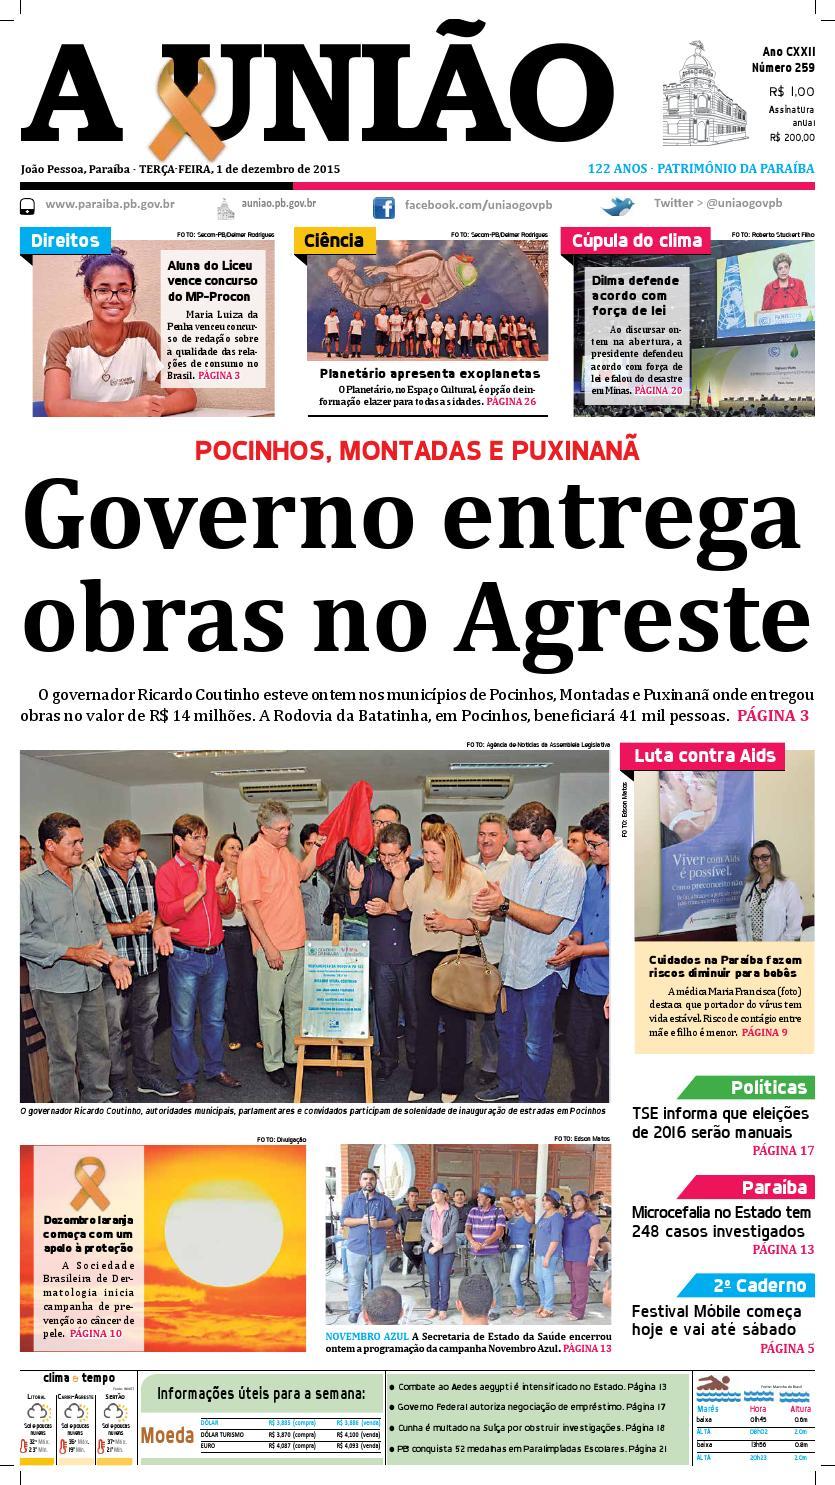 517f15d43b0 Jornal A União - 01 12 2015 by Jornal A União - issuu